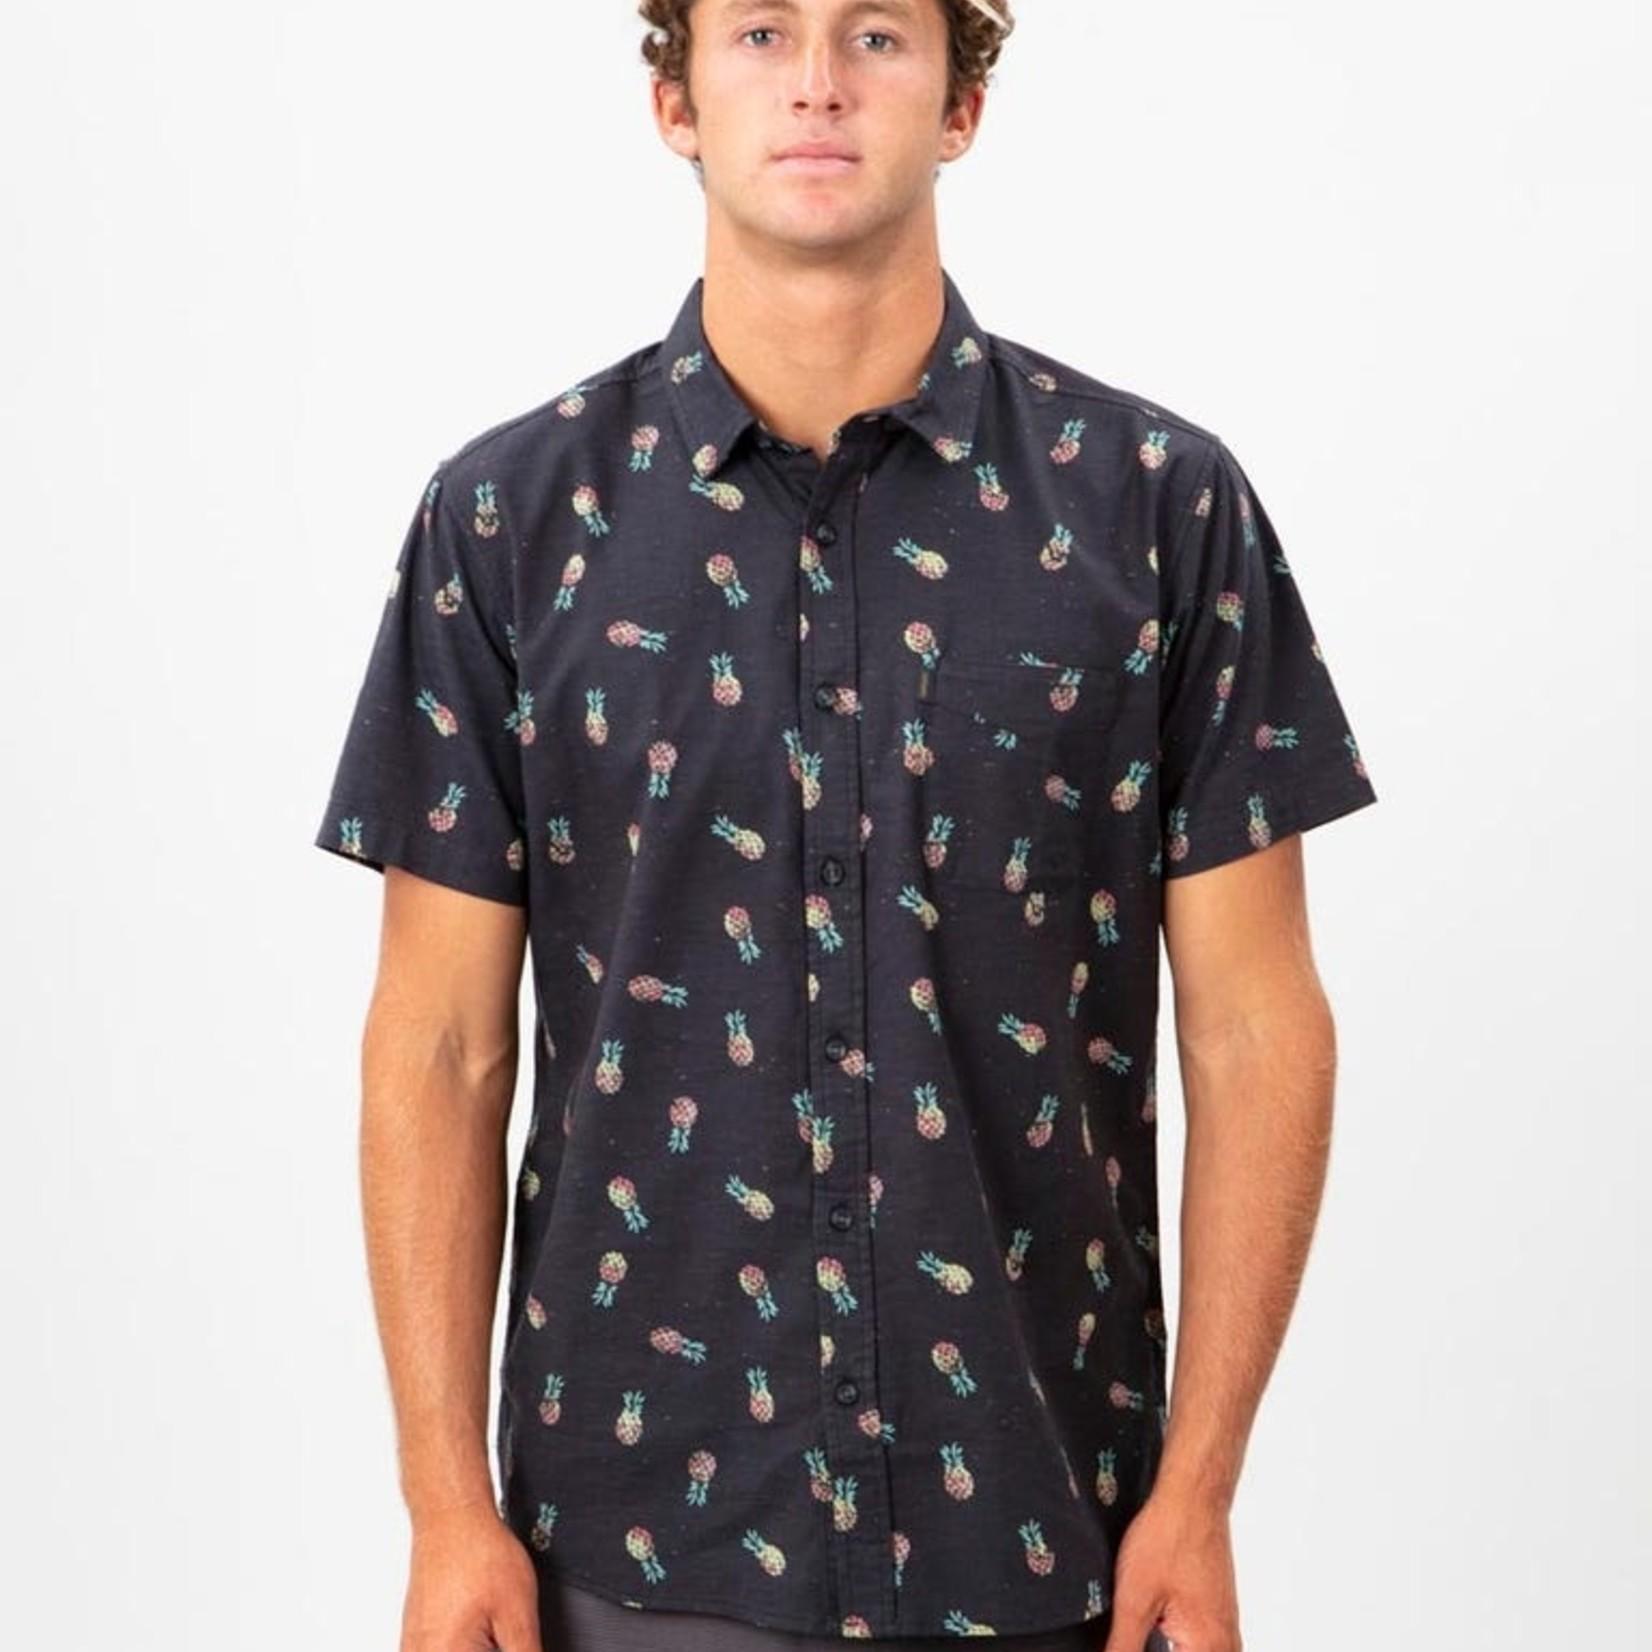 RipCurl Rip Curl Hula Palm Breach S/S Shirt